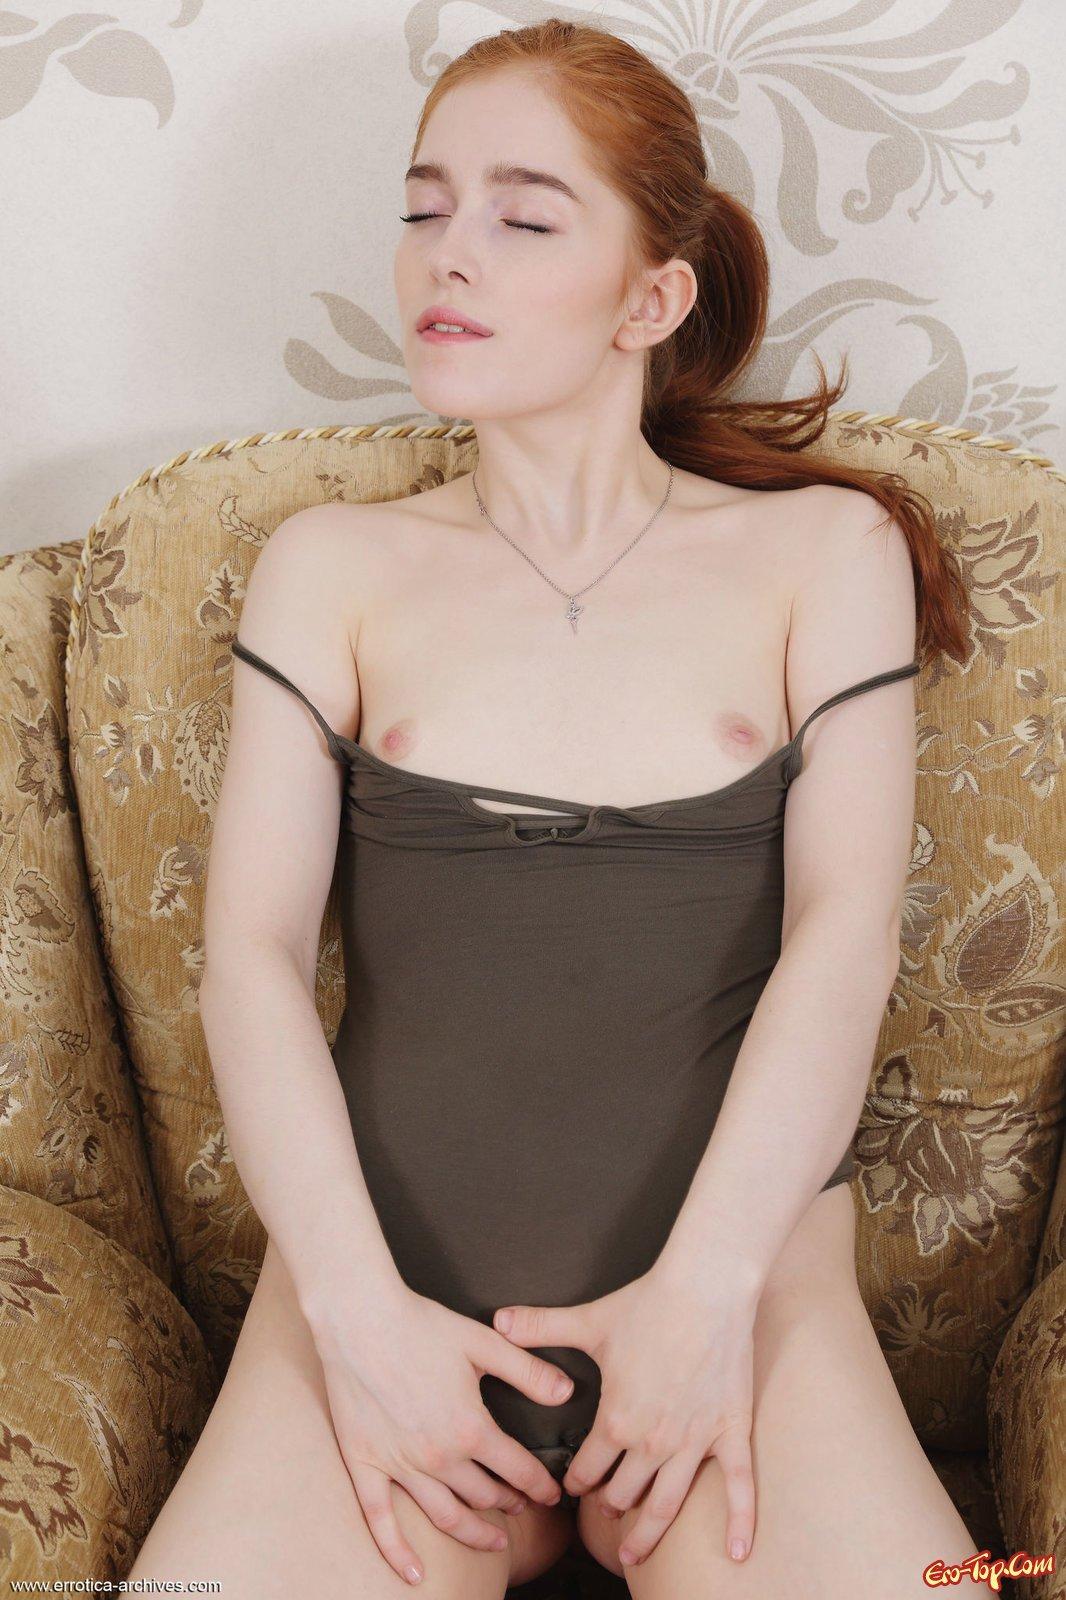 Рыжая девка сняв боди засвечивает сексуальное тело